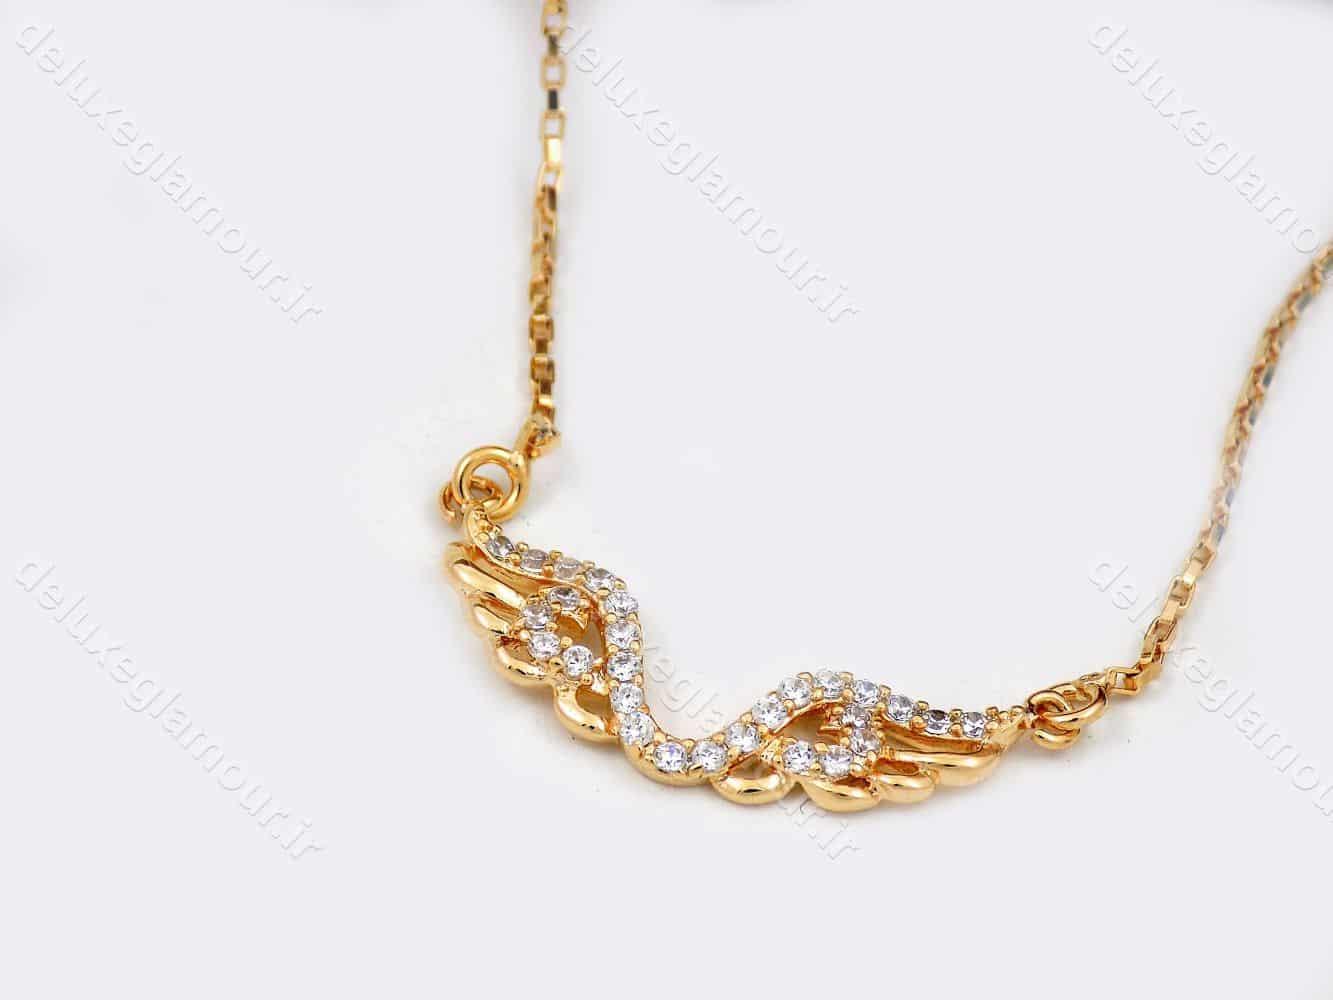 گردنبند دخترانه ژوپینگ با طرح بال فرشته و نگین های سفید زیرکونیا nw-n142